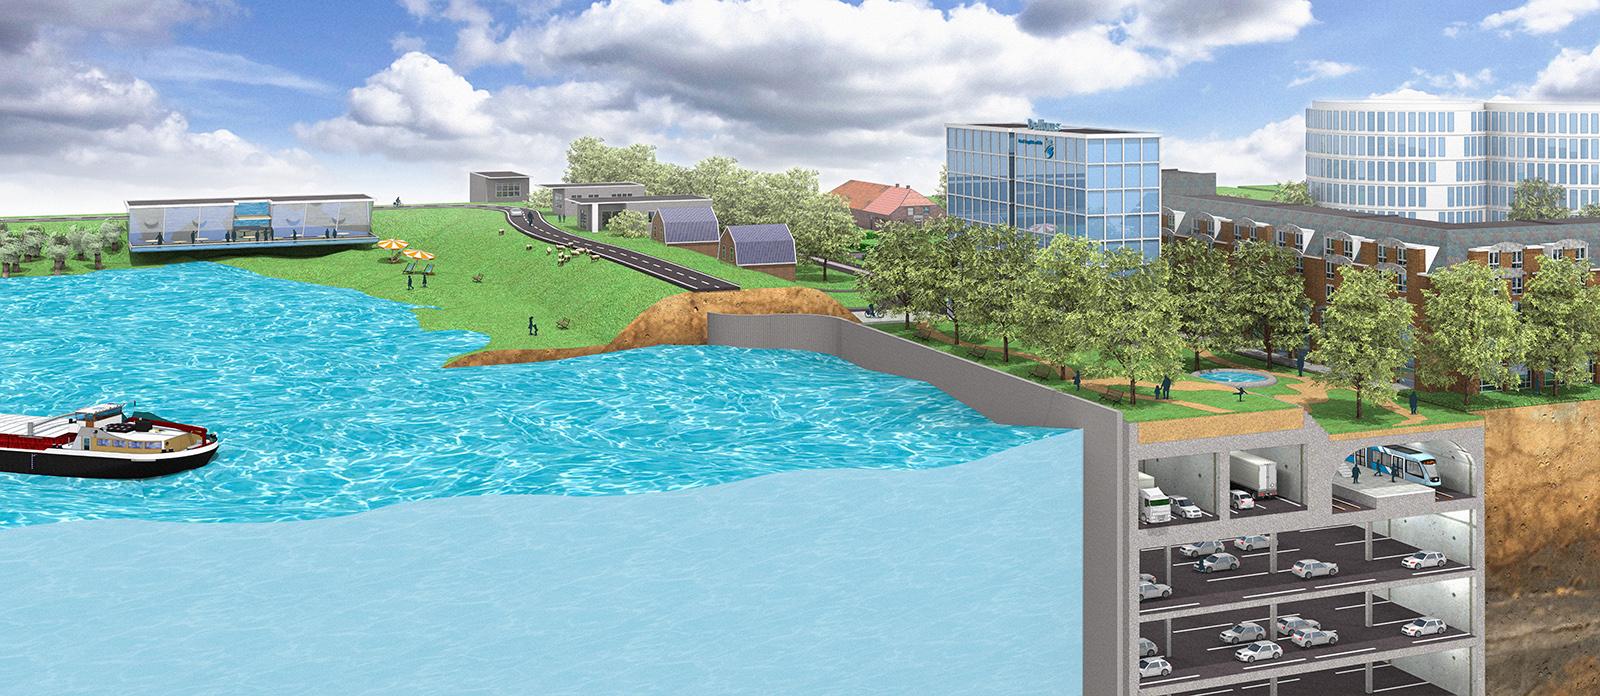 Multifunctionele dijk waterkering van de toekomst vizualism - De gevels van de huizen ...